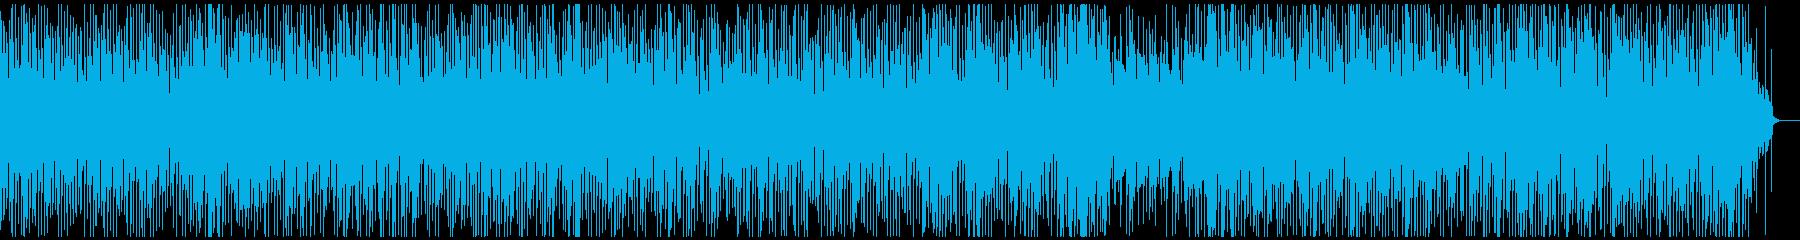 ほのぼのとしたレゲエ調のギターインストの再生済みの波形